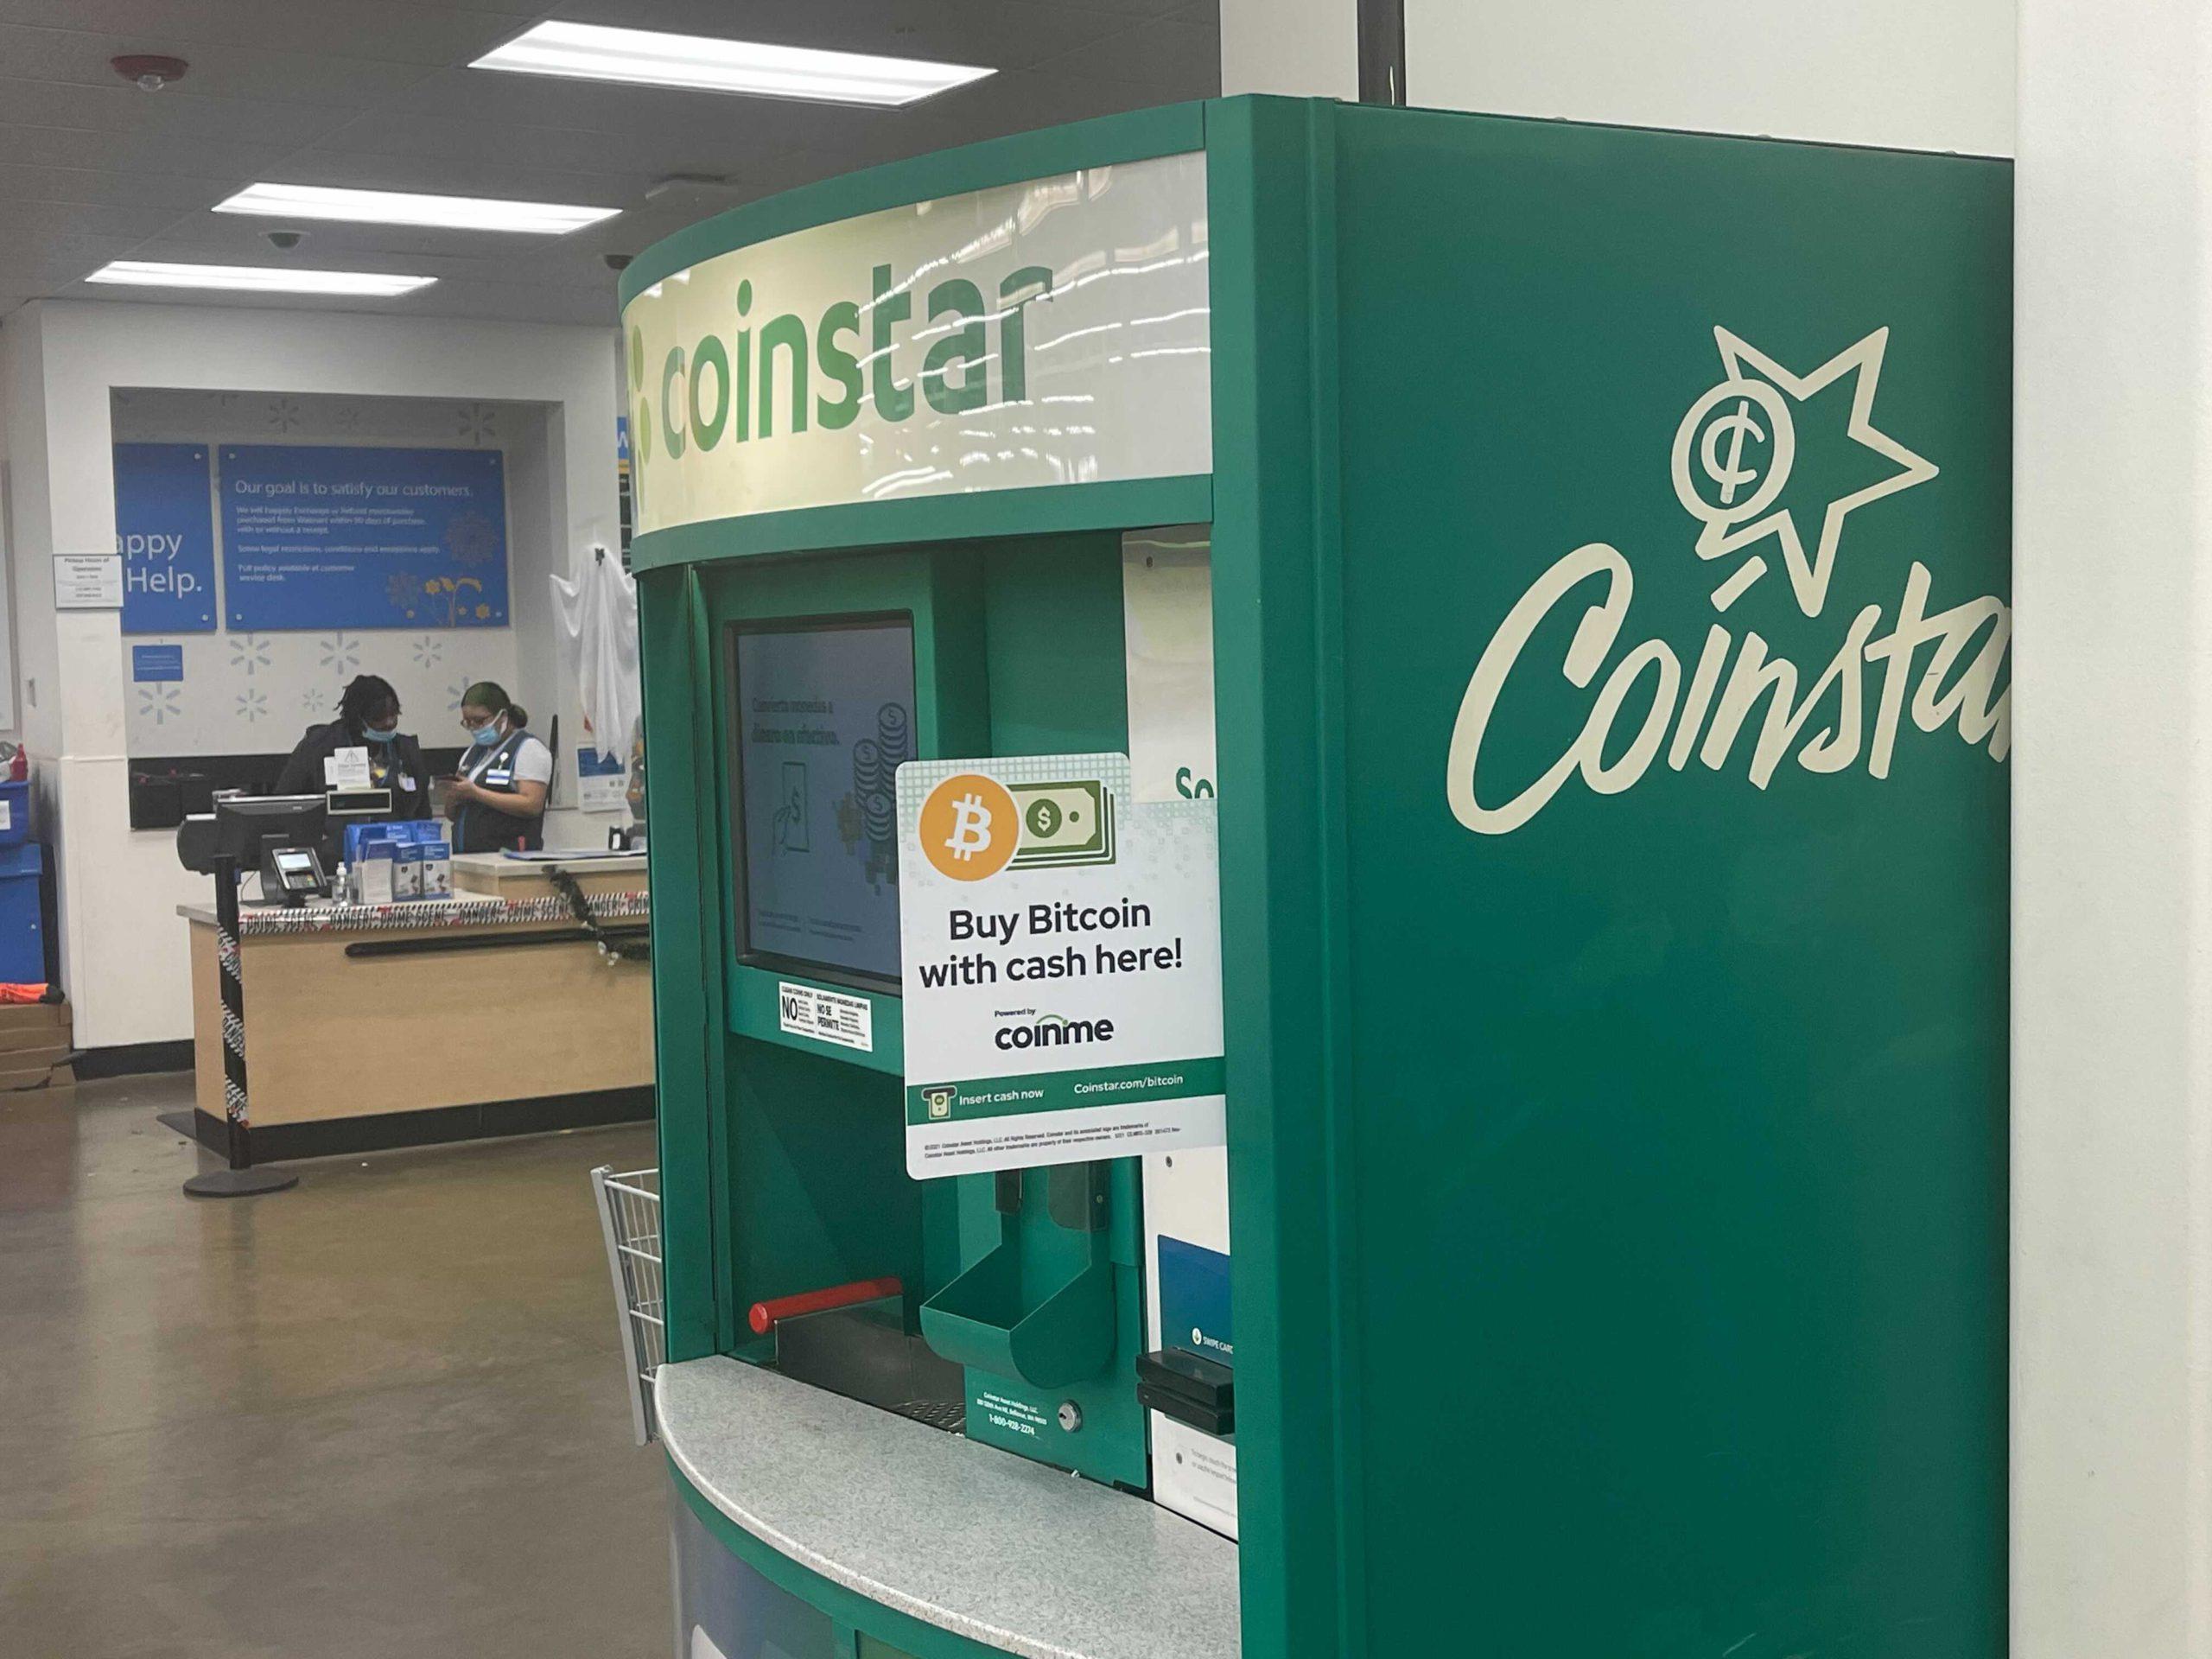 沃爾瑪默默設立「200台比特幣ATM」!允許顧客用現金購買BTC